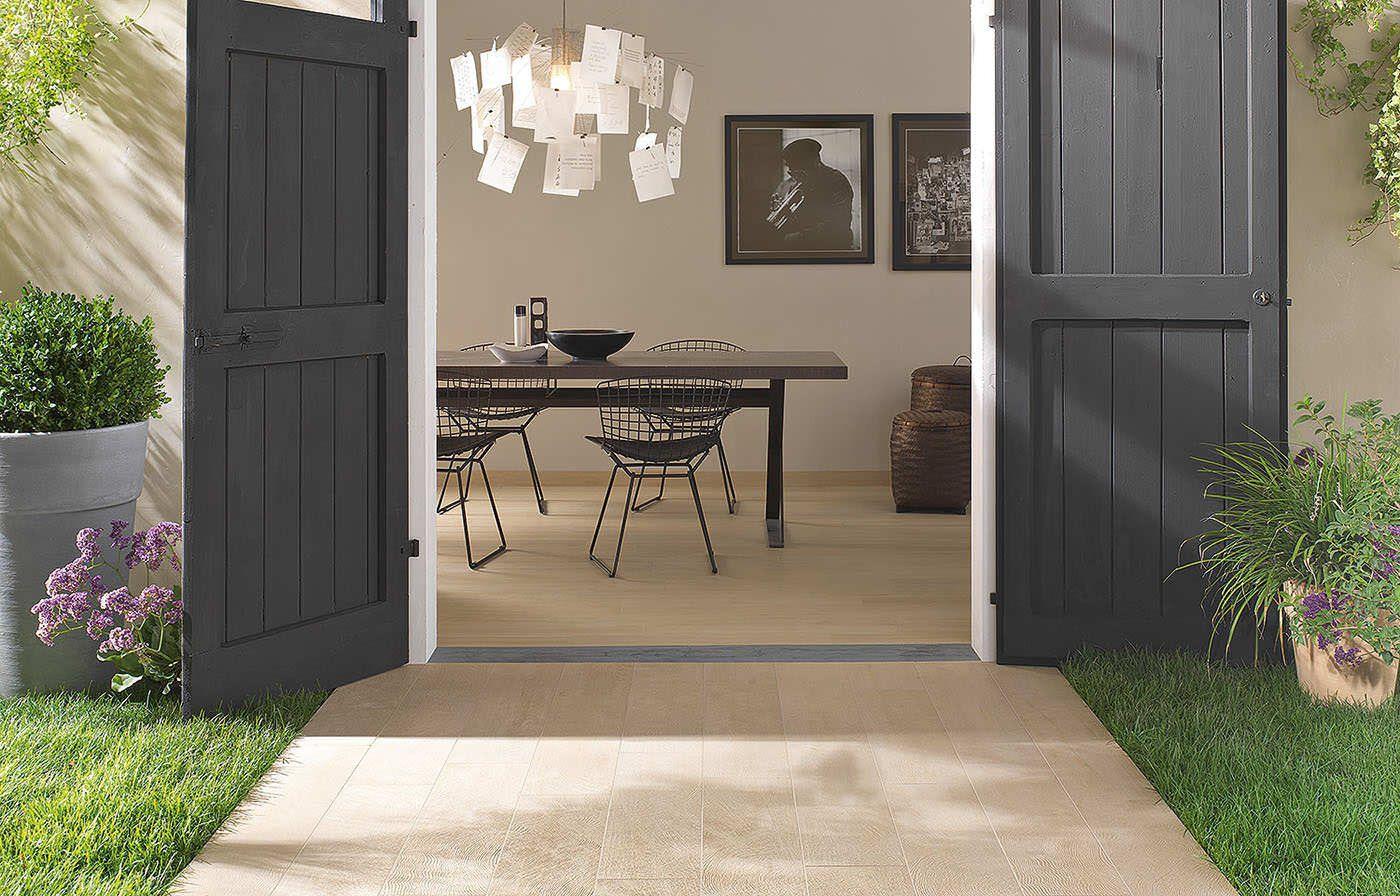 flaviker #place 2b aspen natural kalibriert 20x120 cm an2113r, Badezimmer ideen